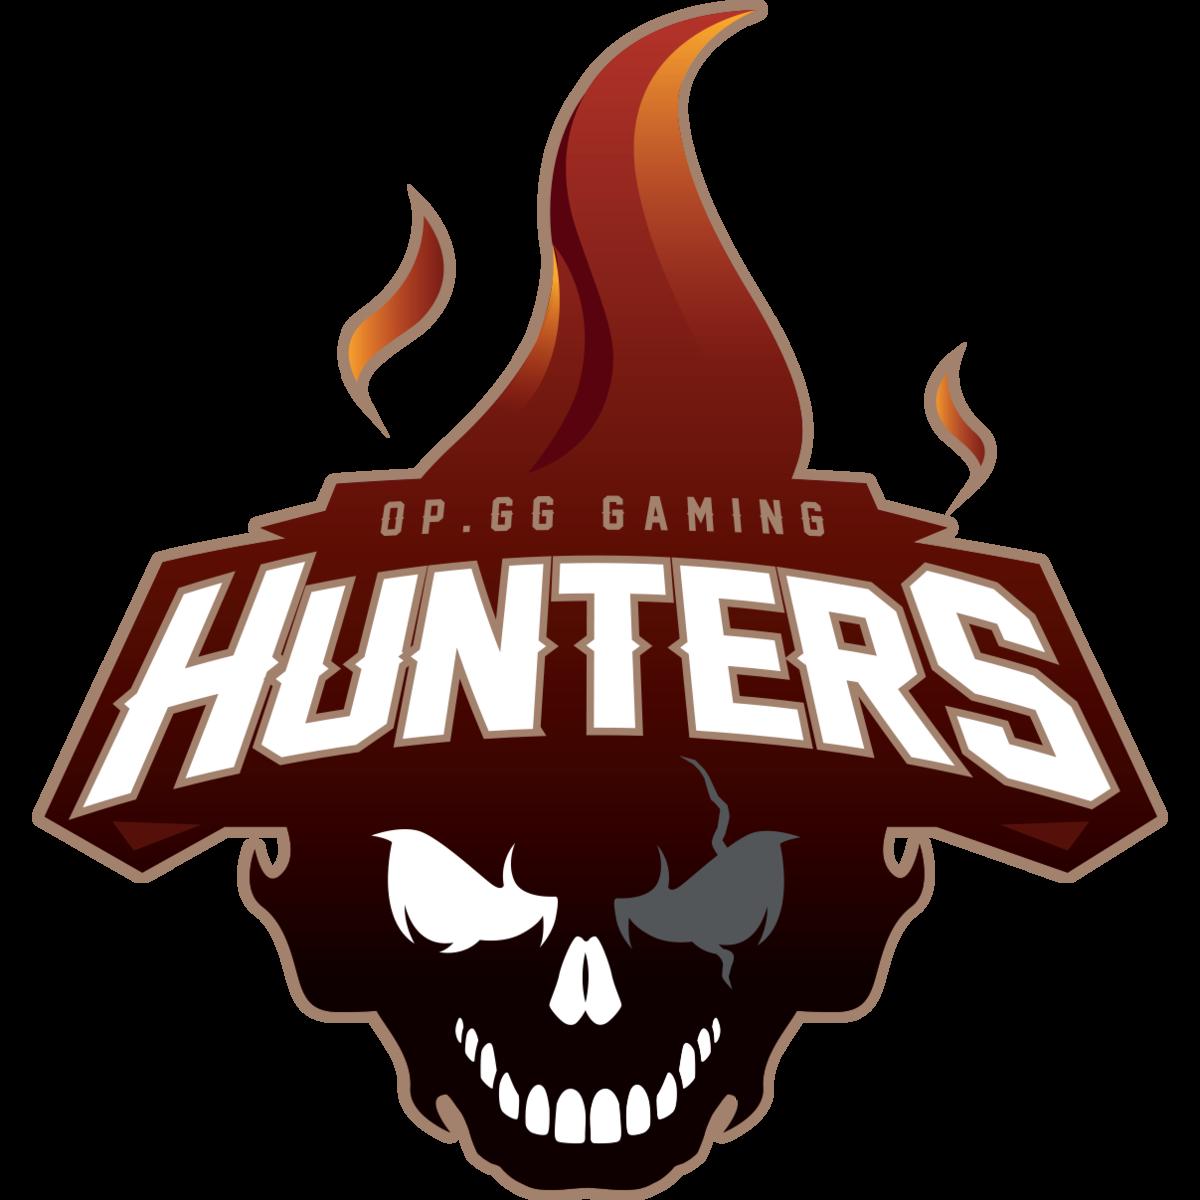 OP.GG Hunters.